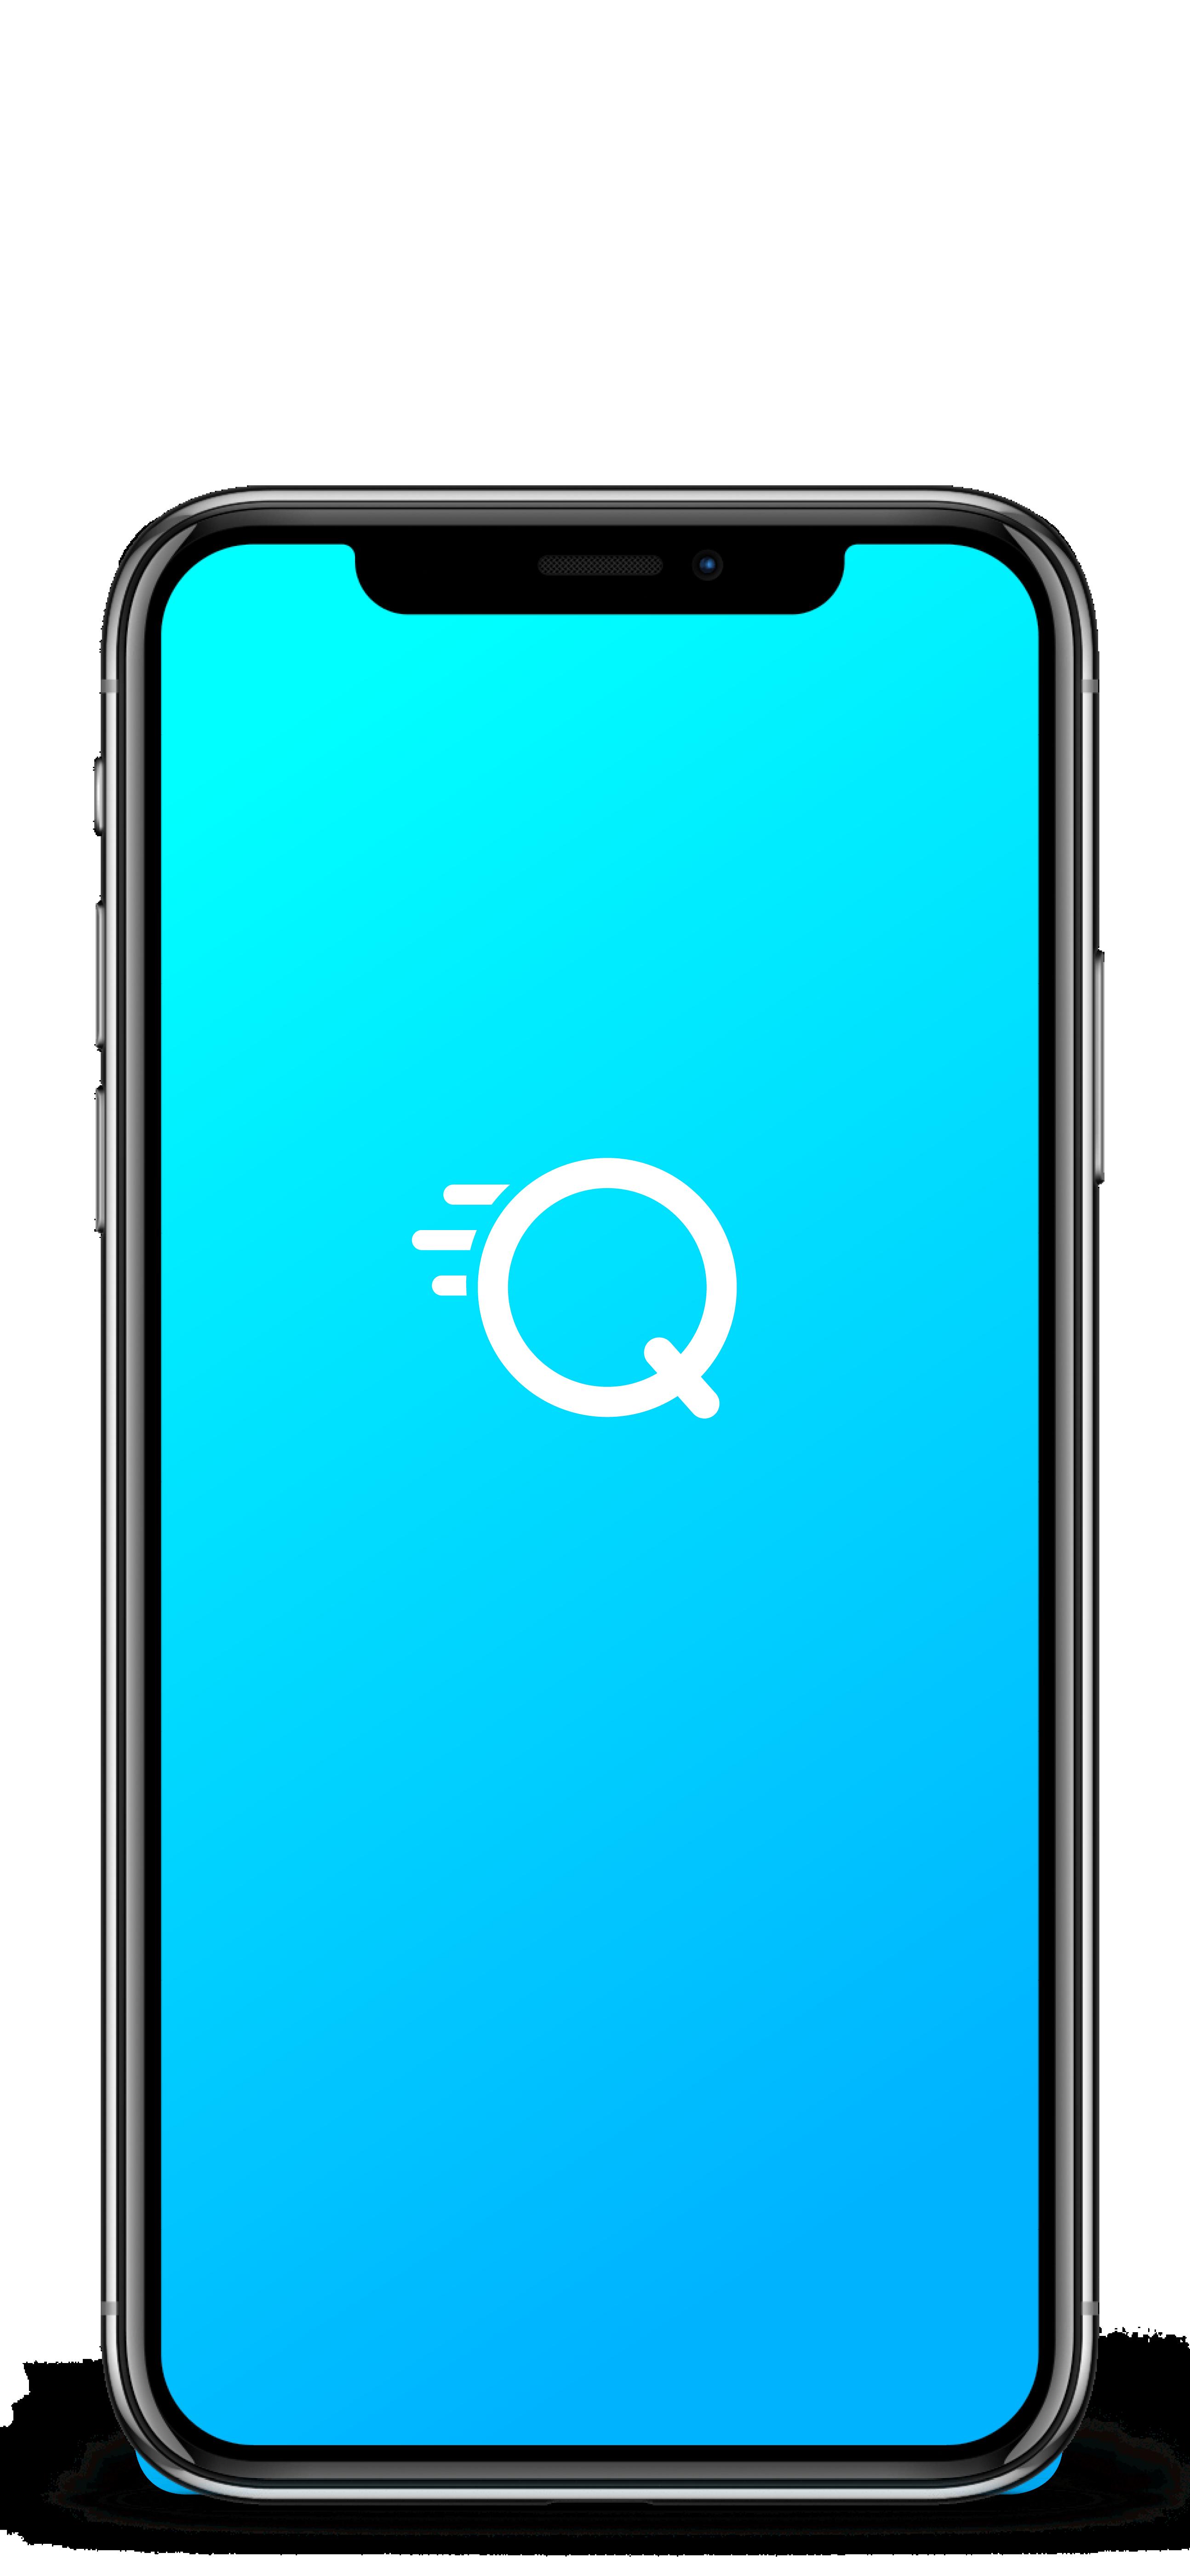 Qticket app key features &